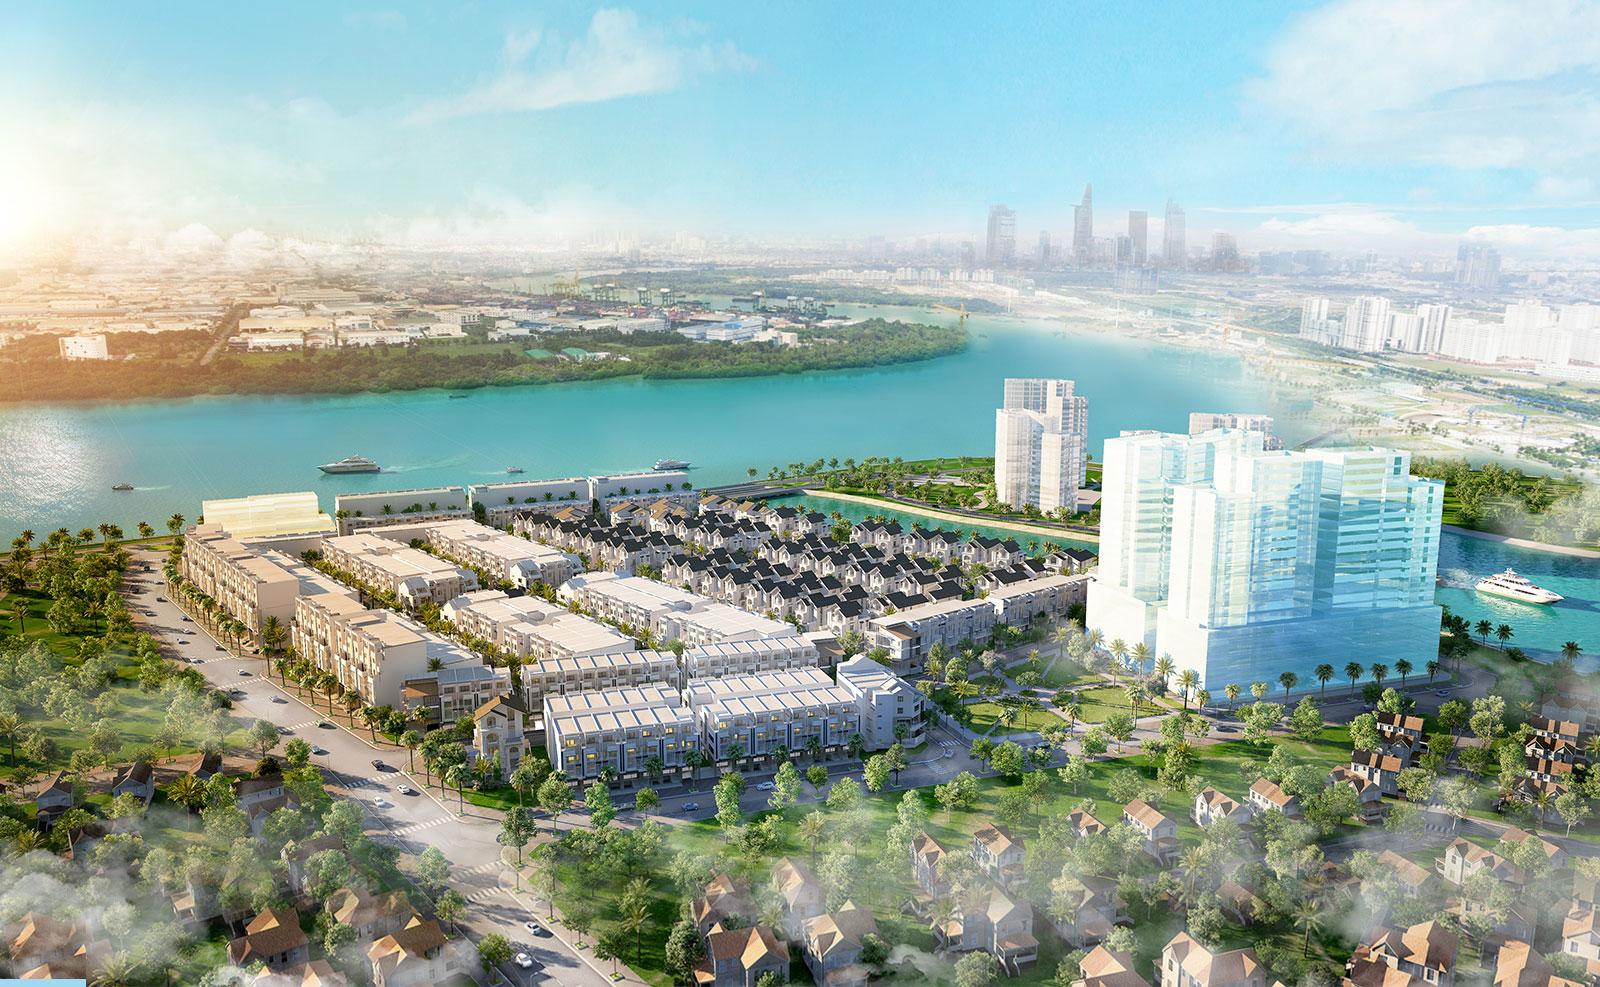 Dự án đất nền Hưng Thịnh, Căn hộ Q7 -  Top 5 dự án đất nền Hưng Thịnh hễ ra hàng là hết sạch